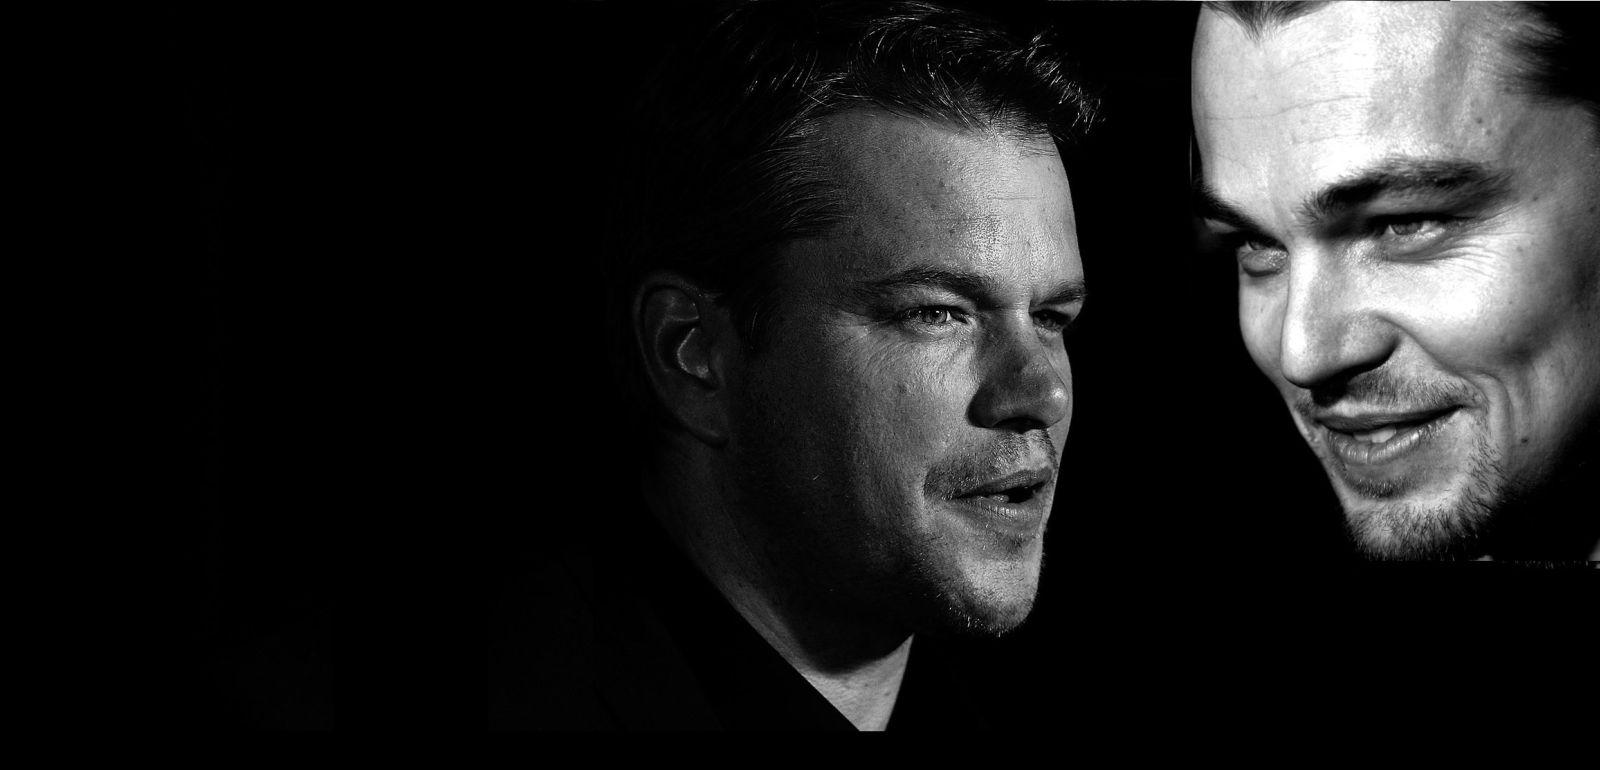 cop-Leonardo DiCaprio Matt Damon